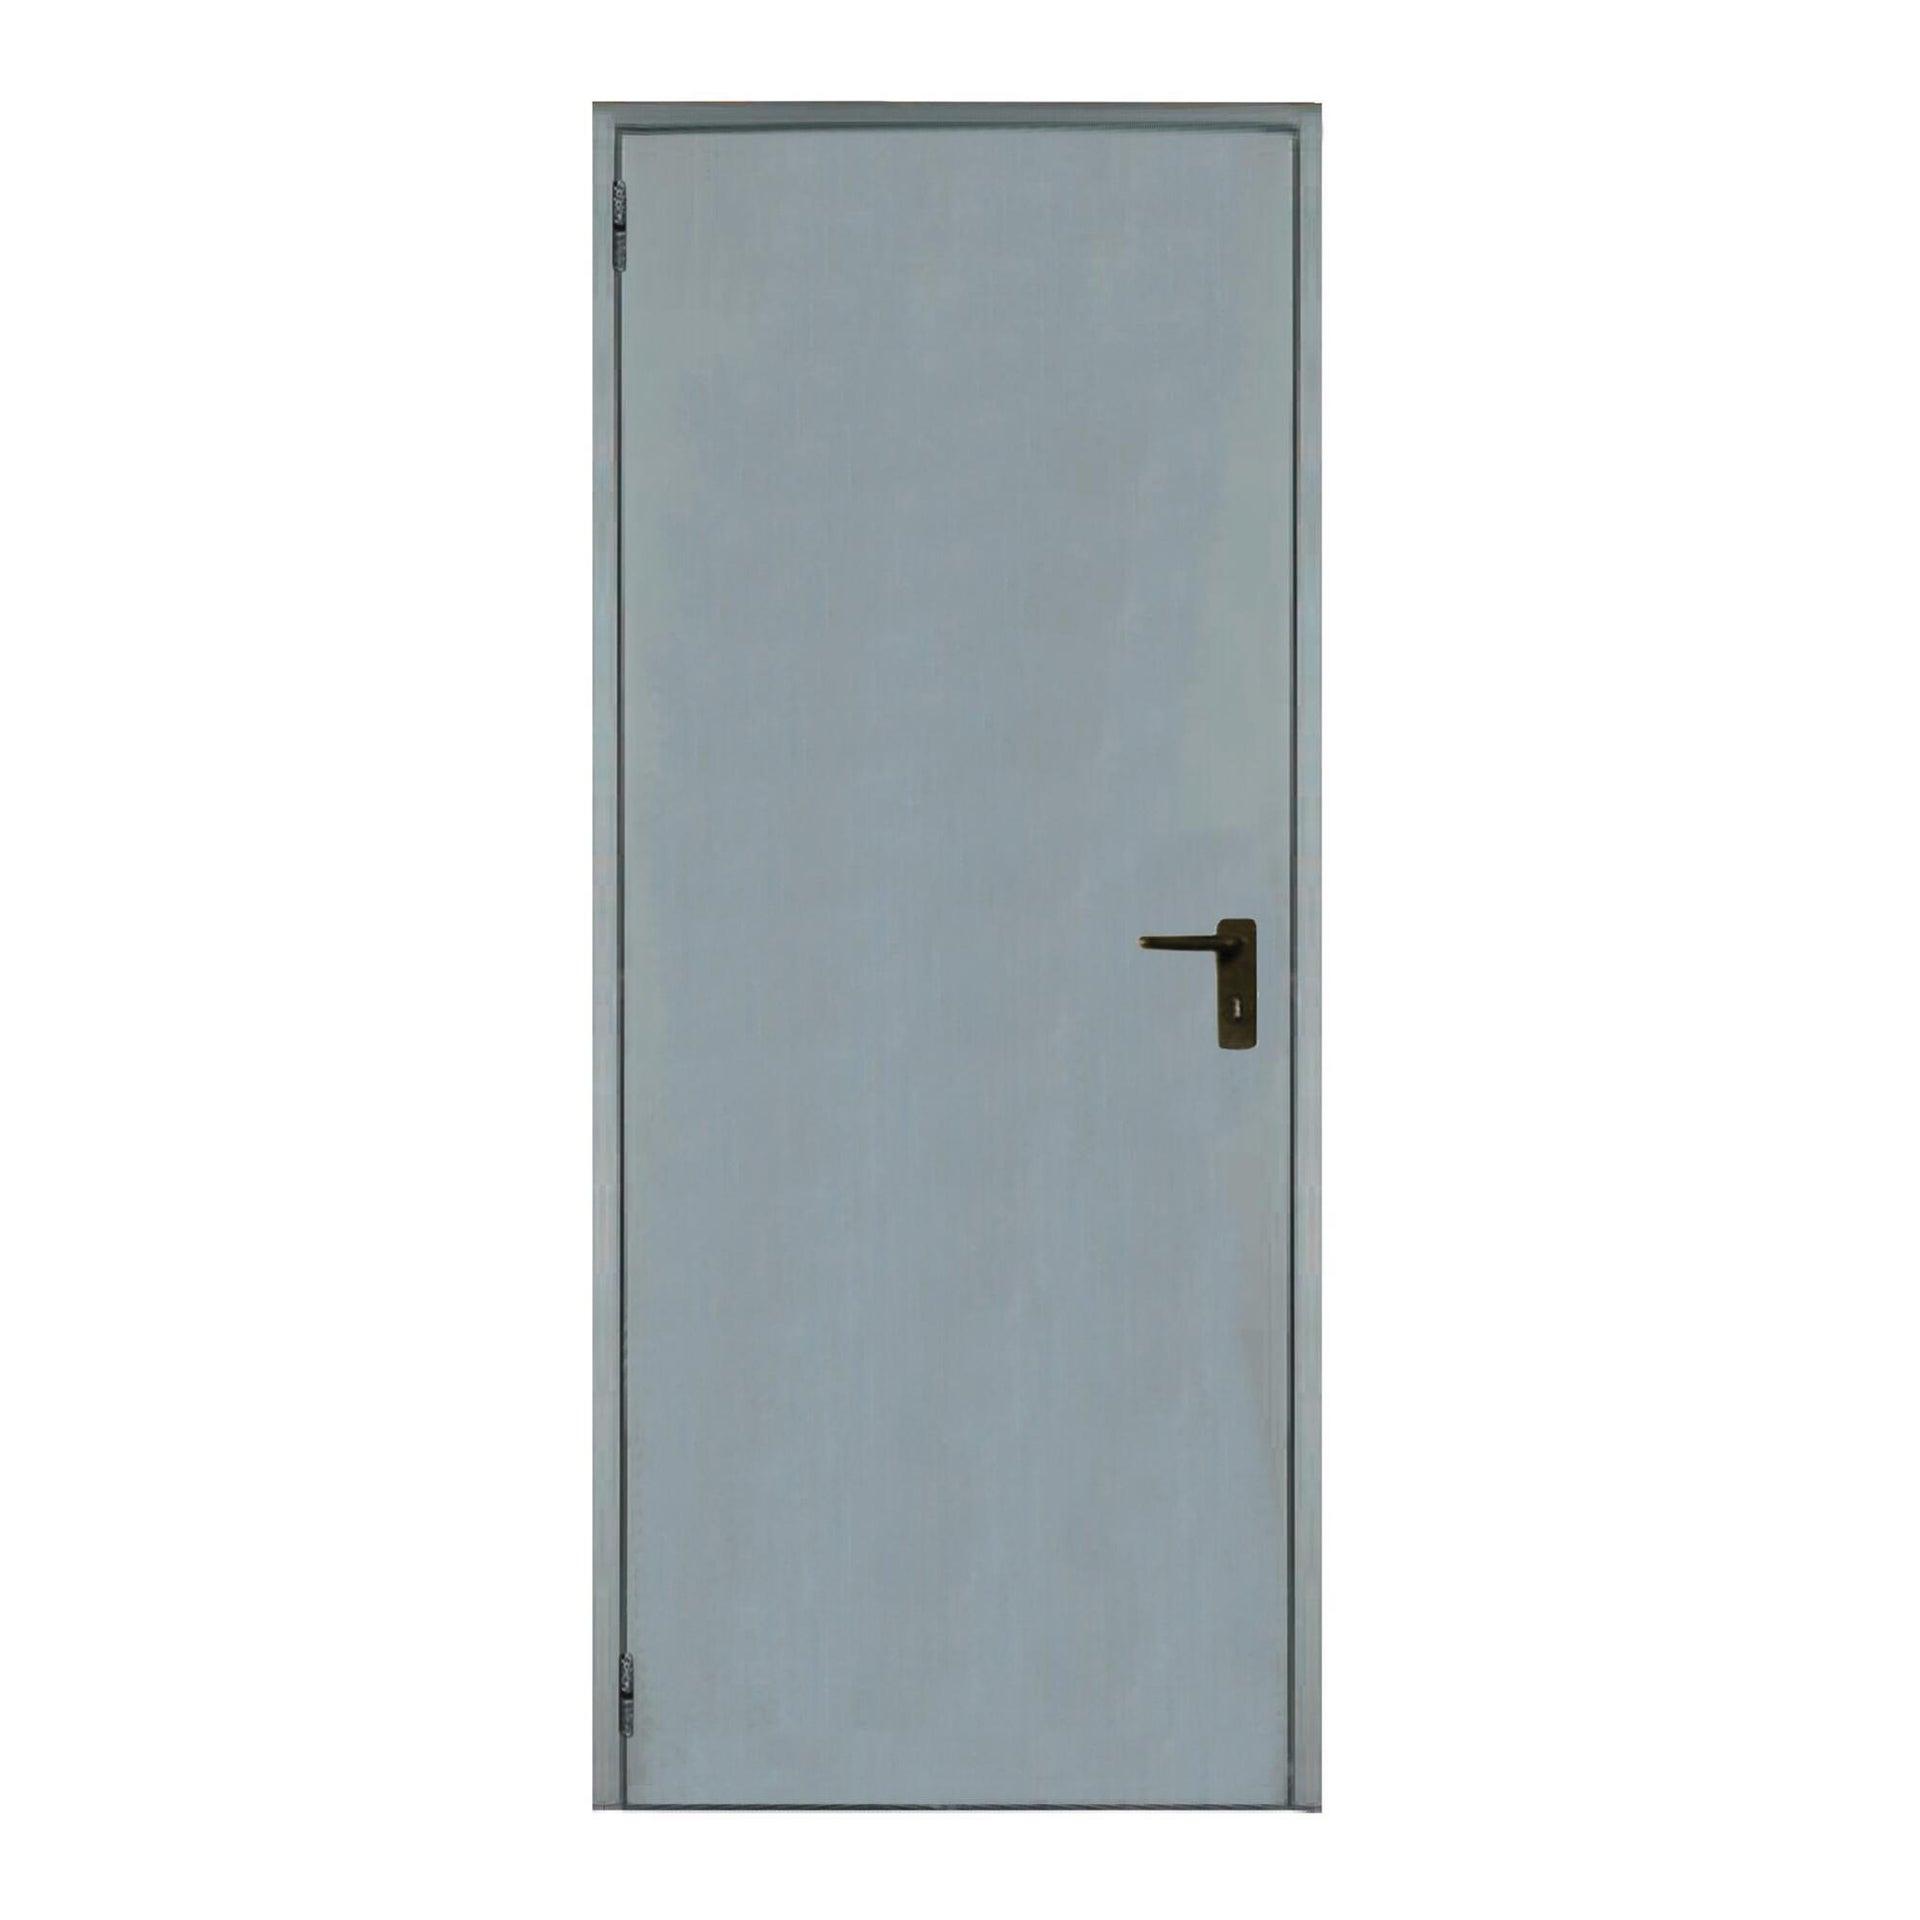 Porta per cantina lamiera L 72 x H 200 cm - 2